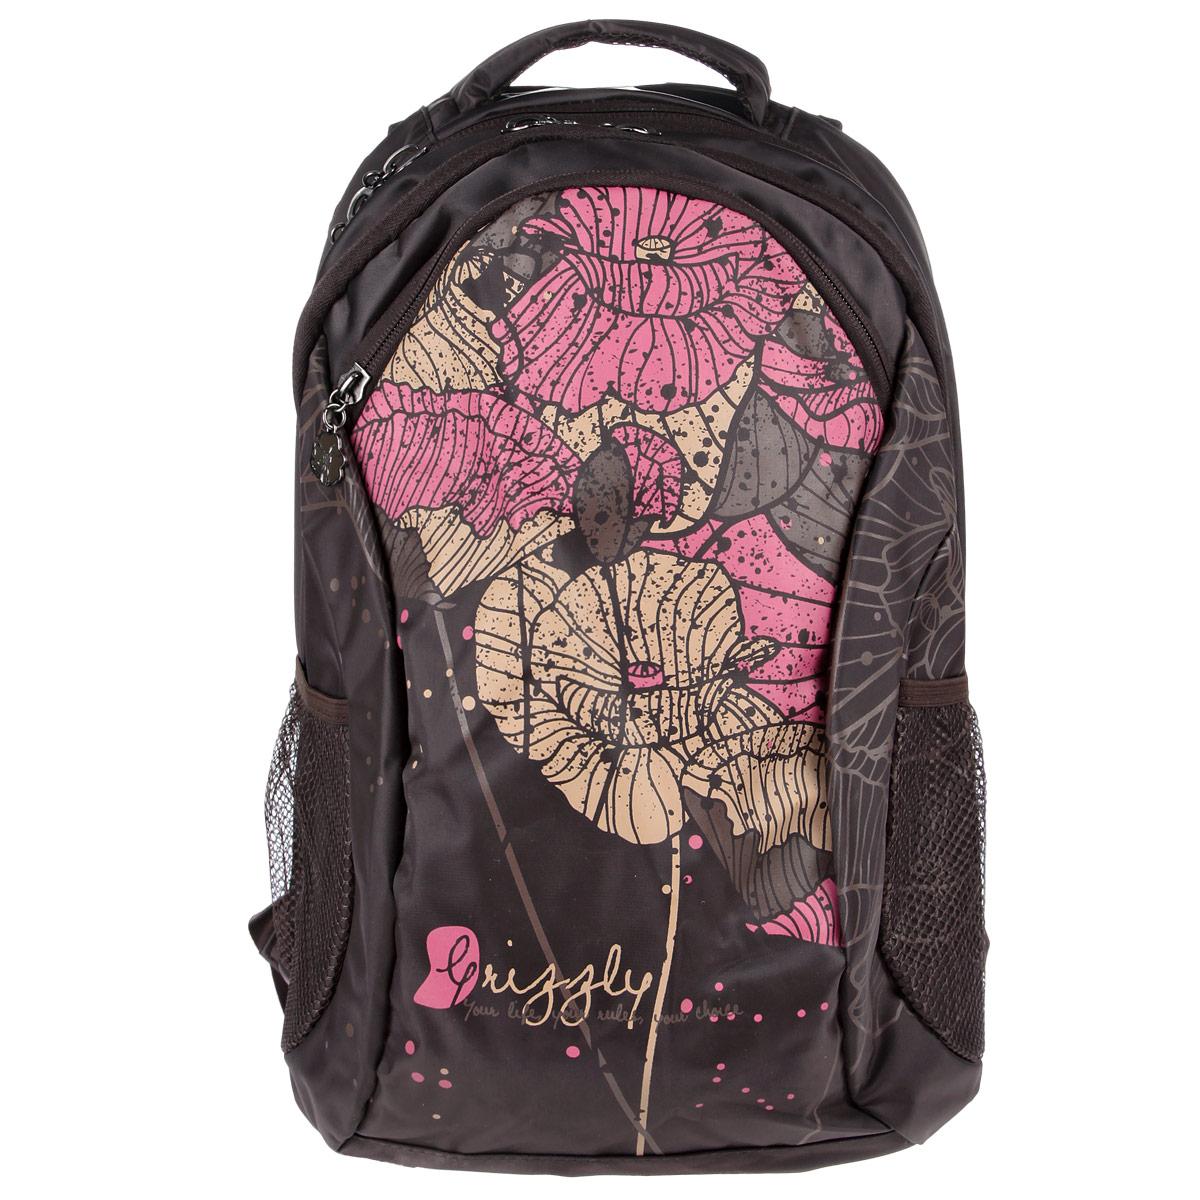 Рюкзак детский Grizzly, цвет: коричневый. RD-531-1RD-531-1/1Рюкзак женский с двумя отделениями, с передним карманом на молнии, боковыми карманами из сетки, внутренним карманом-пеналом, с жесткой спинкой с мягкими вставками, укрепленными лямками, ручкой для переноски